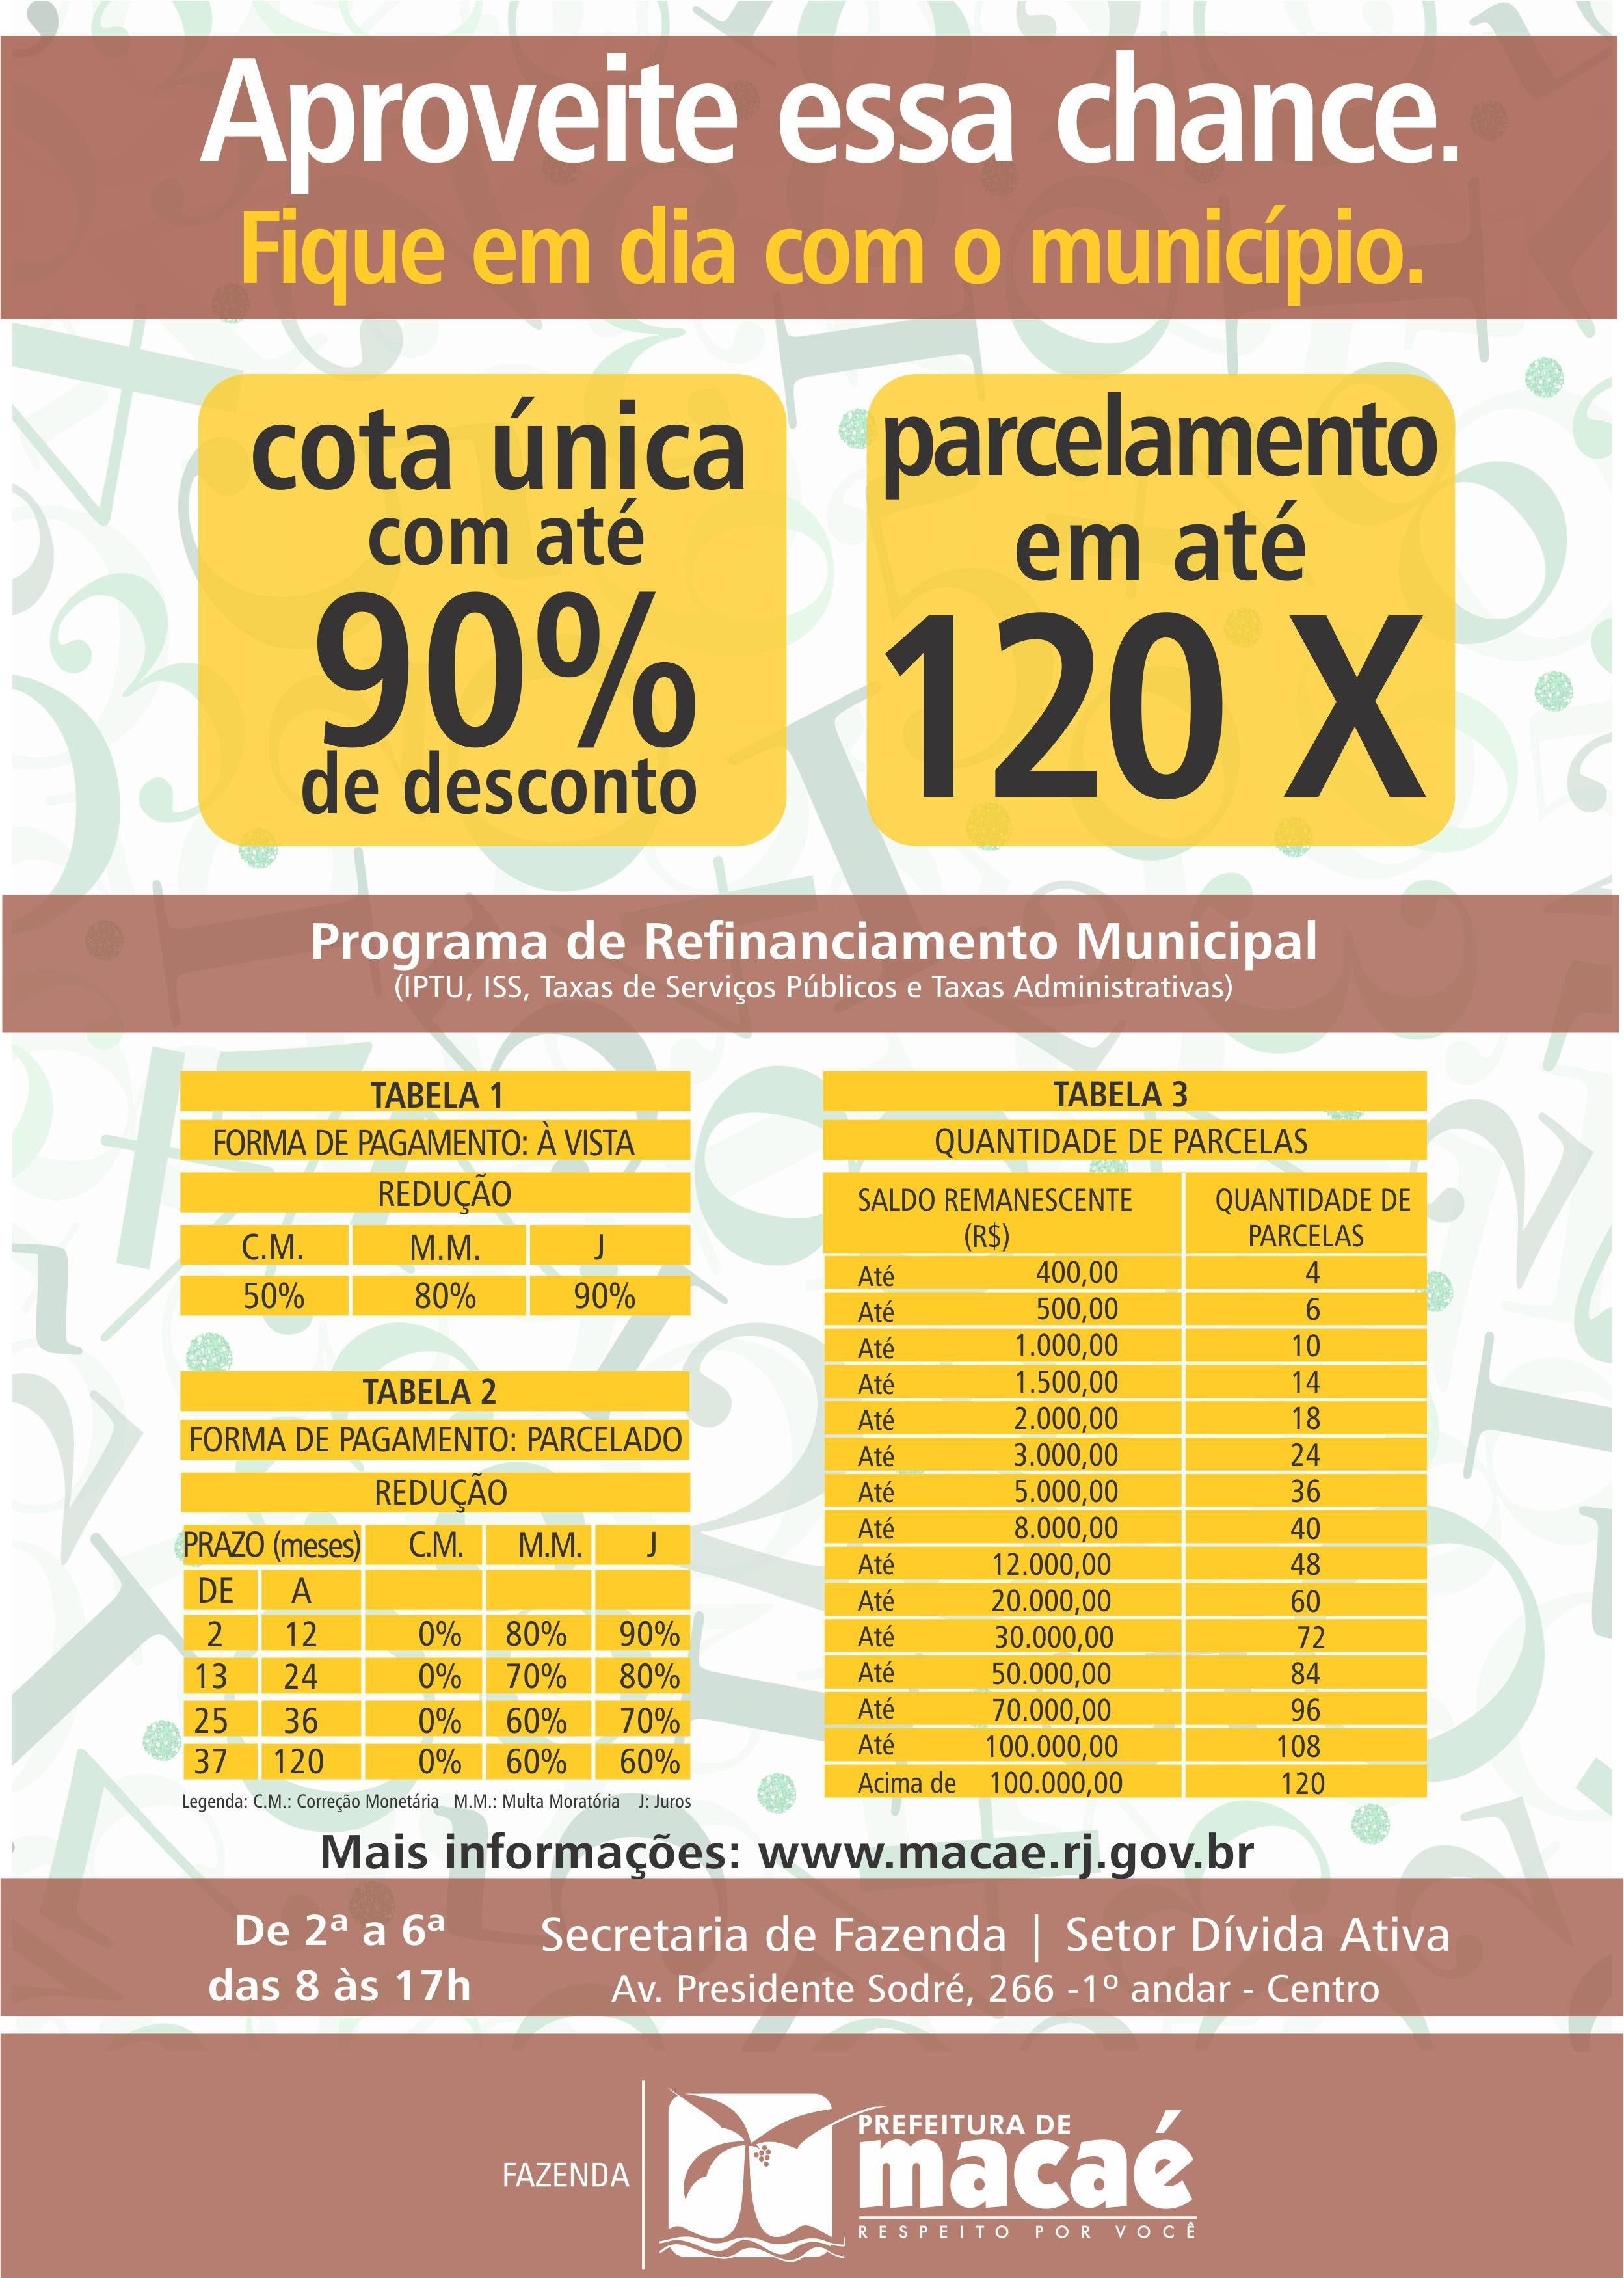 Calendario 2019 Carnaval Más Reciente Index Of Midia Of Calendario 2019 Carnaval Más Populares Index Of Midia